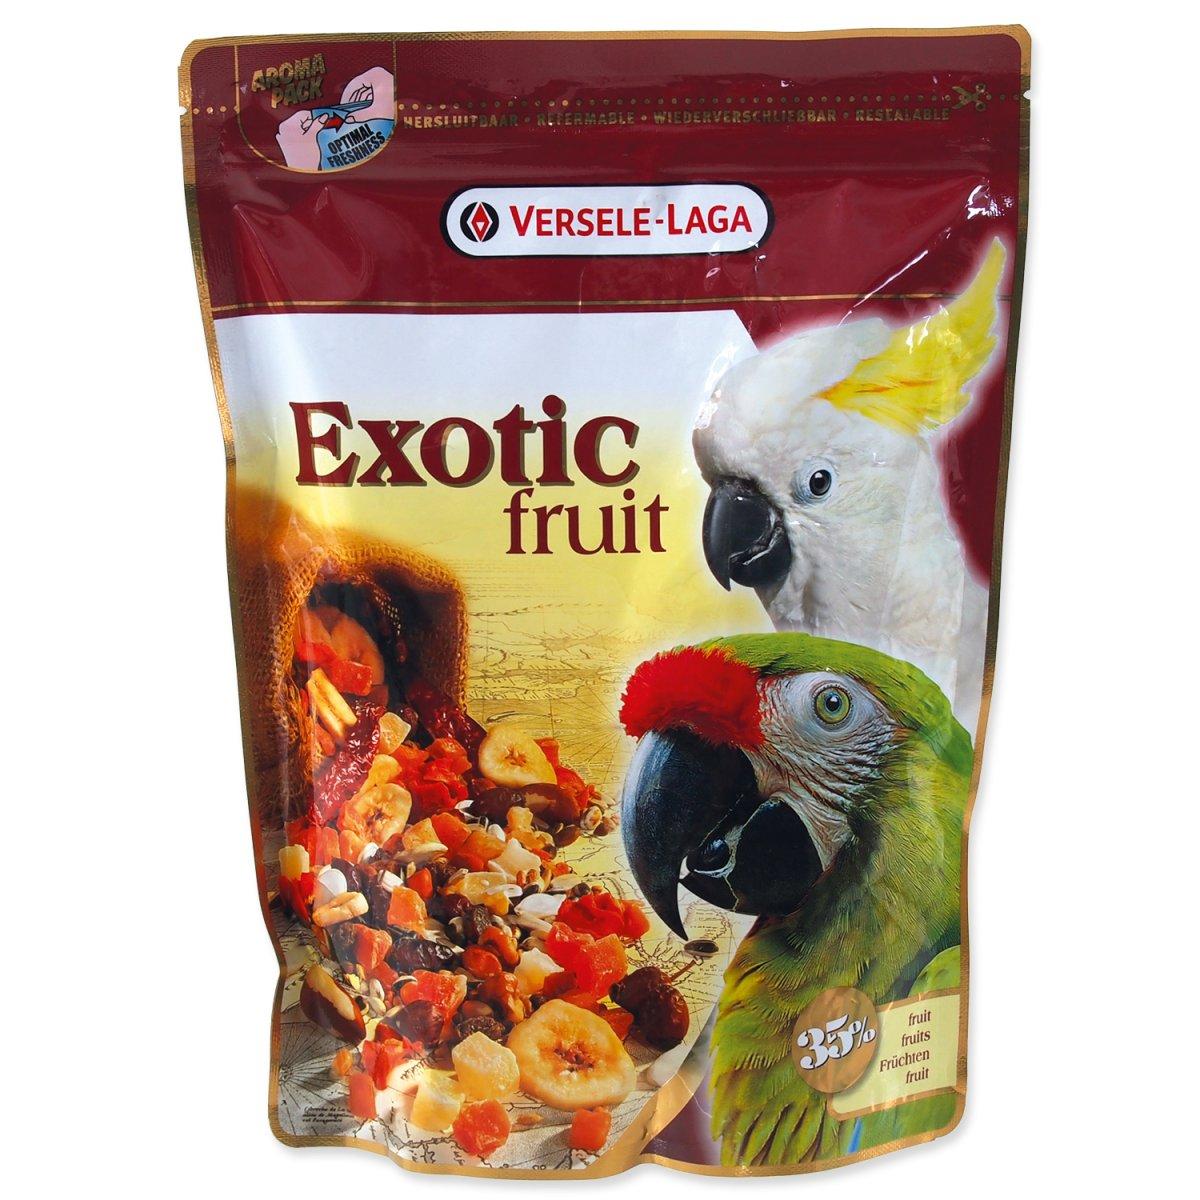 VERSELE-LAGA Exotic směs ovoce pro velké papoušky (600g)